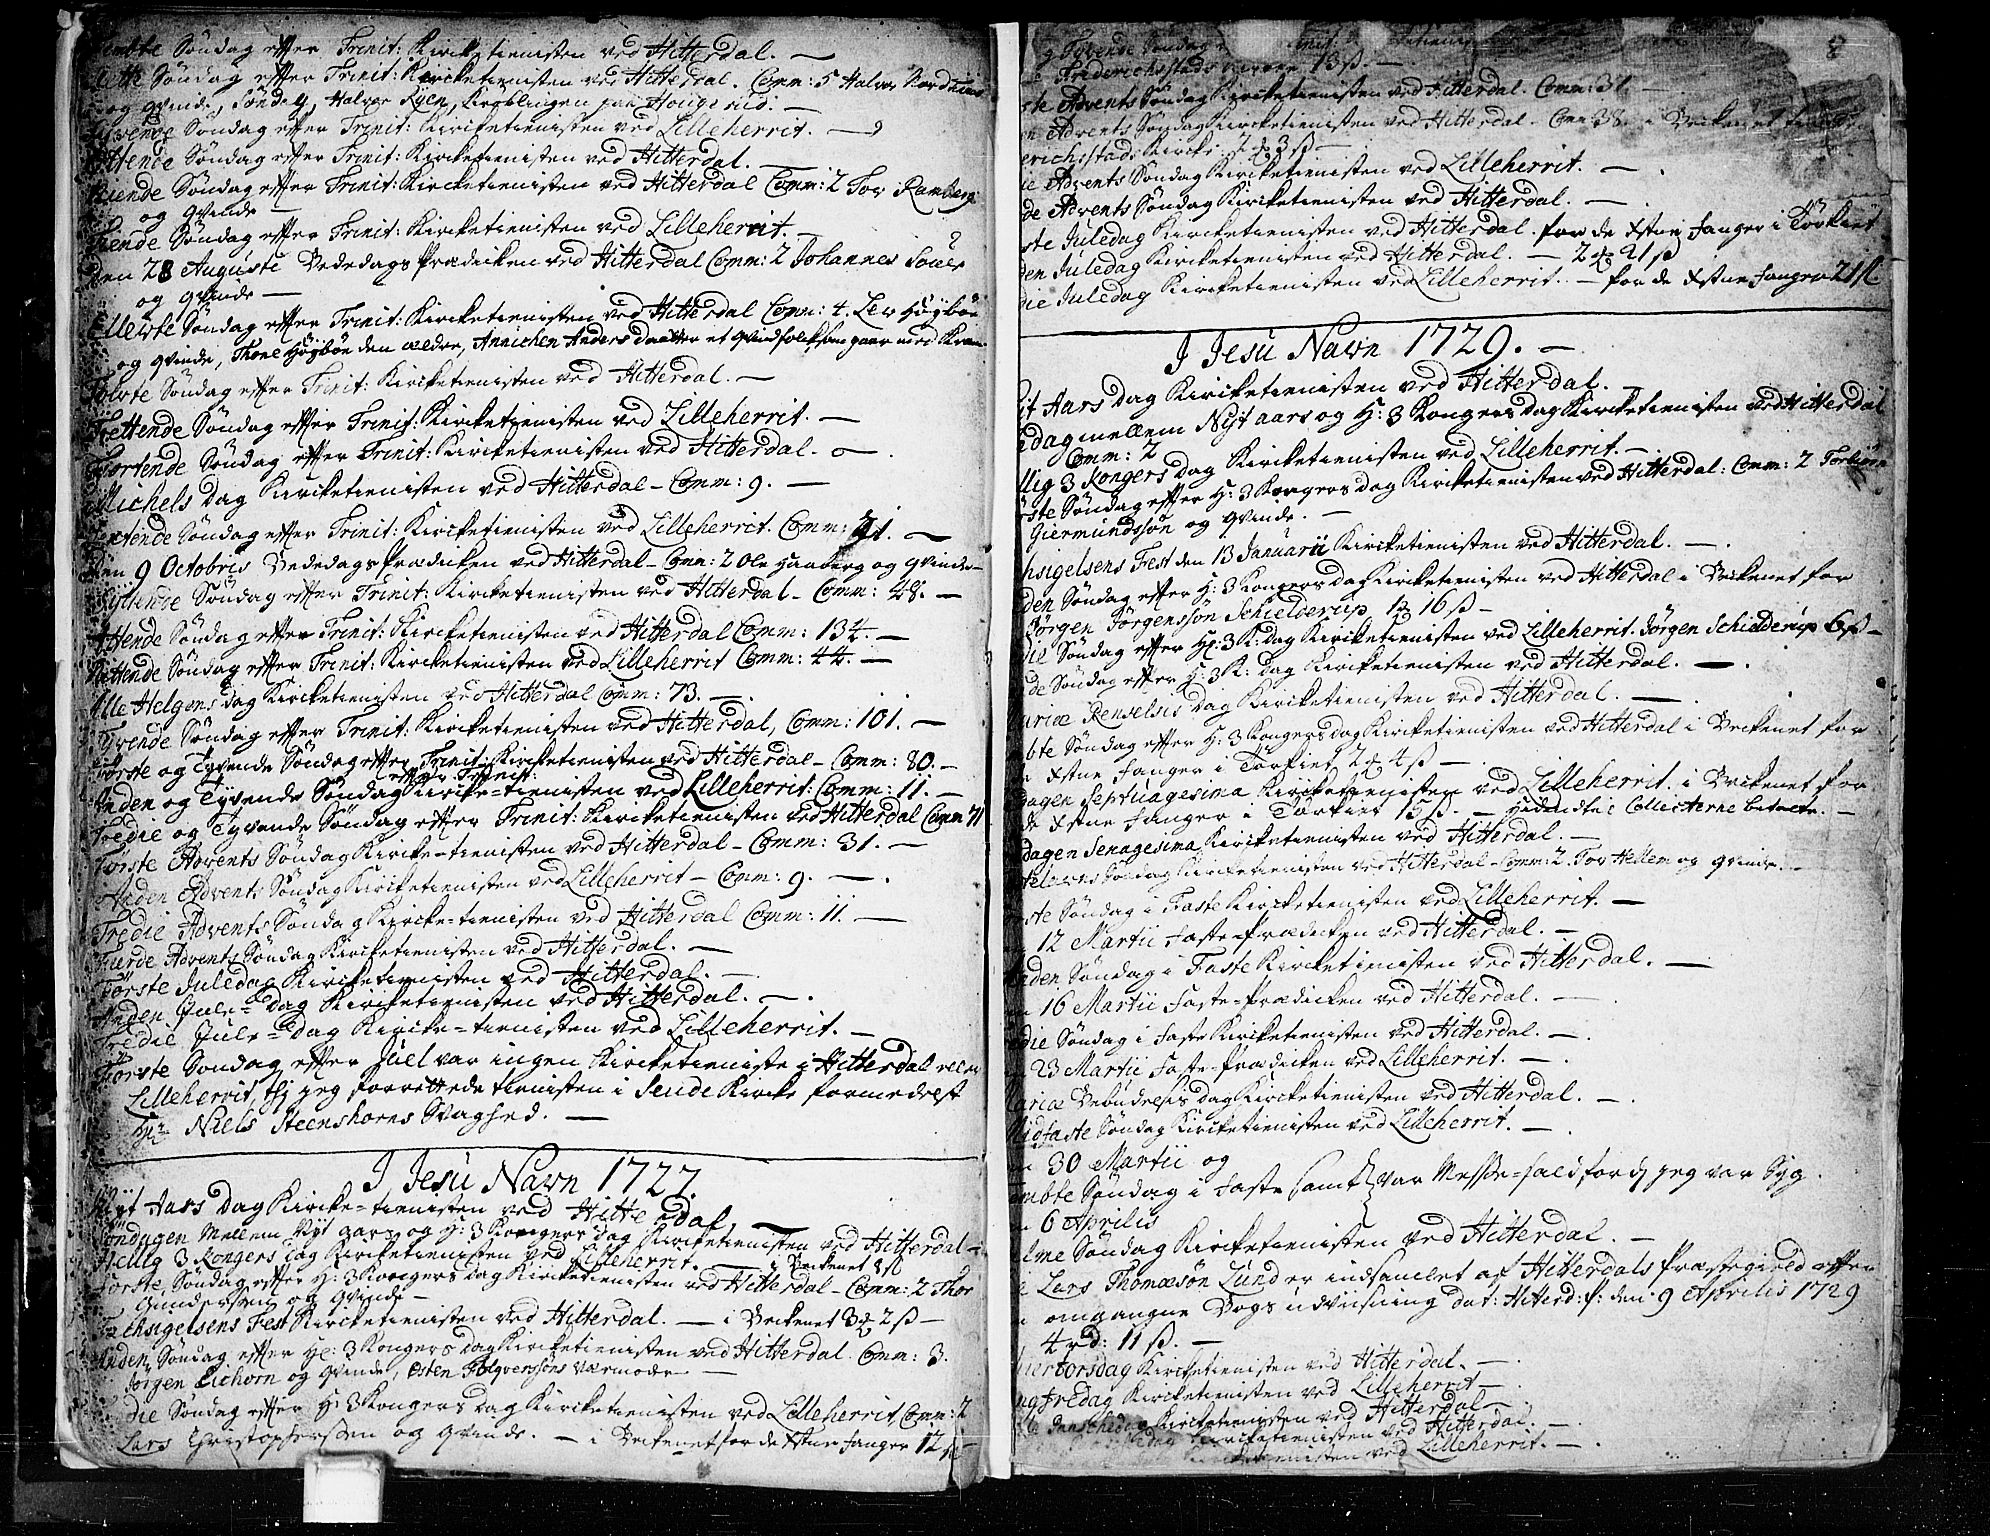 SAKO, Heddal kirkebøker, F/Fa/L0003: Ministerialbok nr. I 3, 1723-1783, s. 8